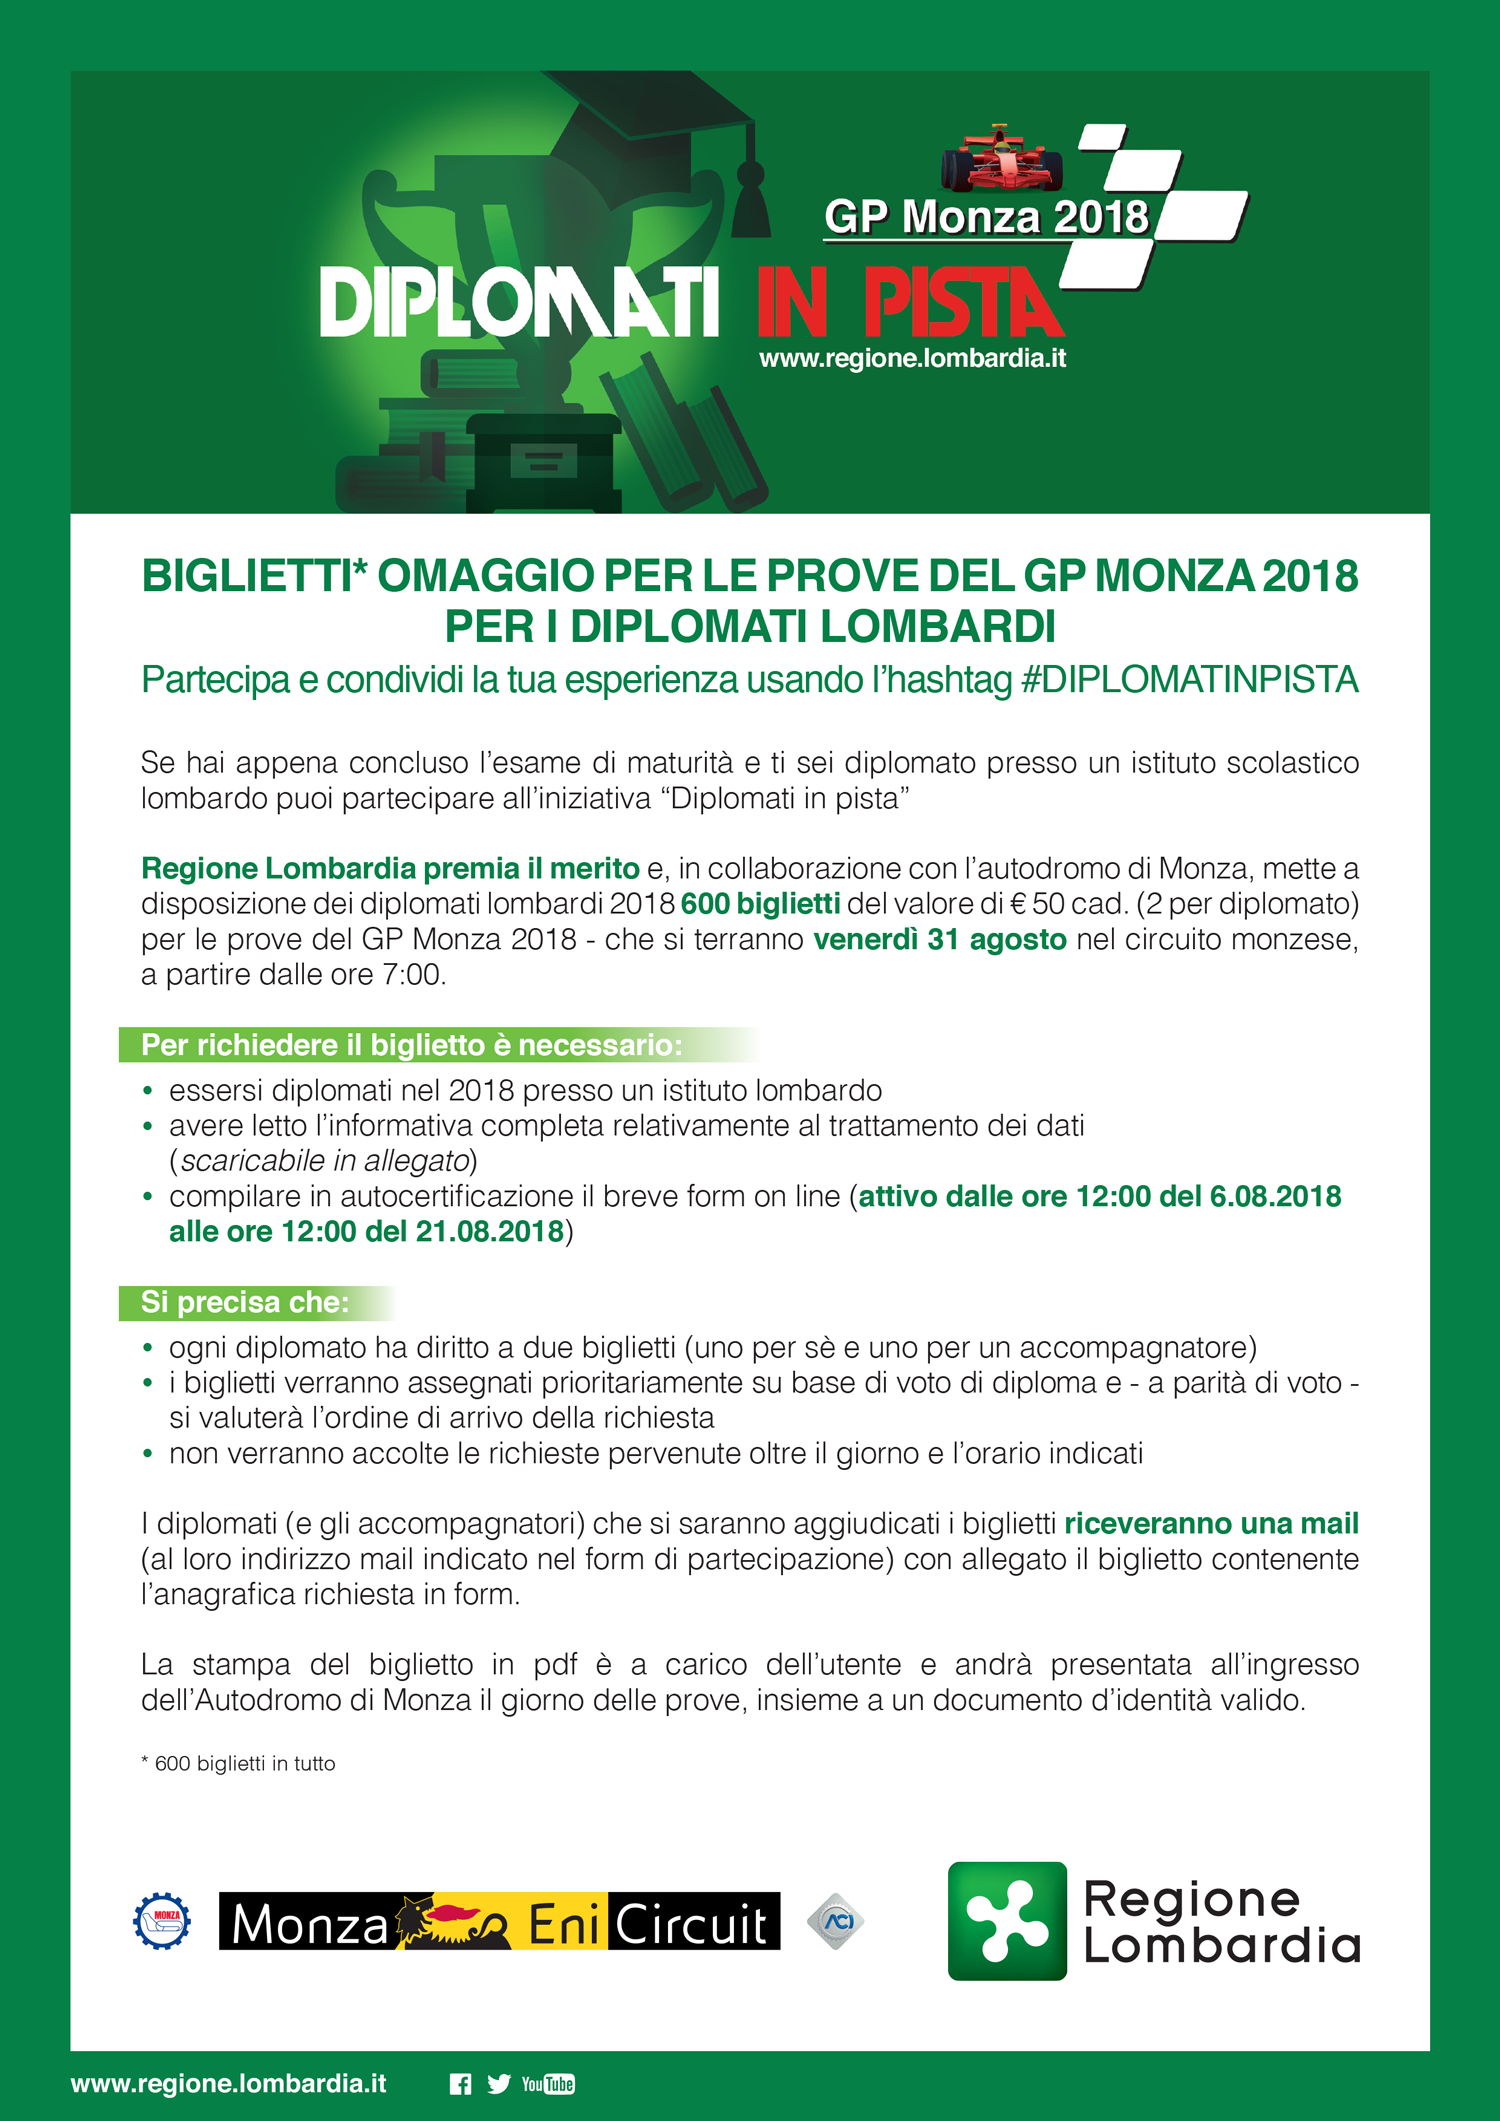 Avviso+ Diplomati+in+pista+gp+monza+2018